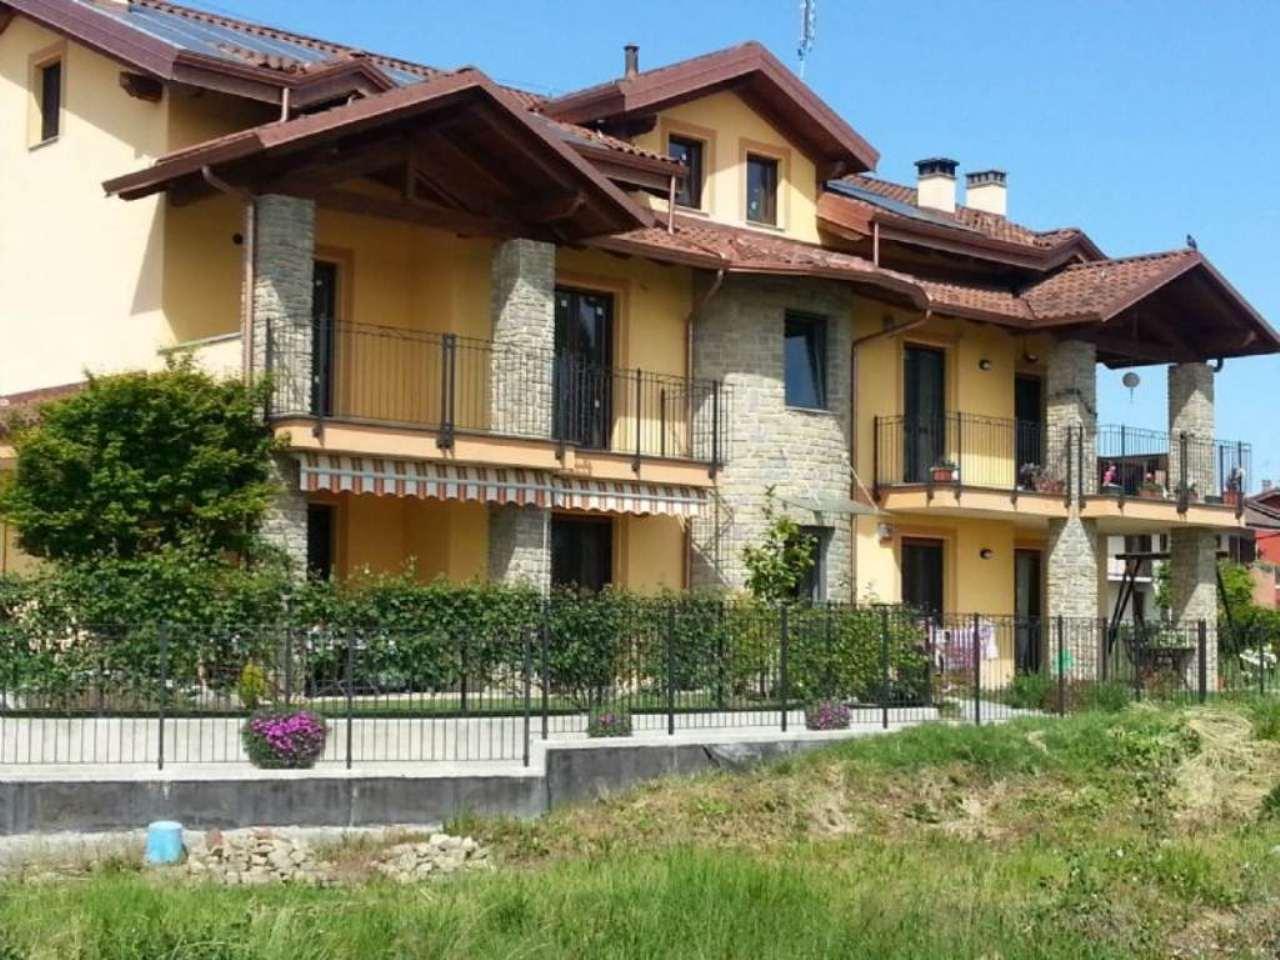 Appartamento in vendita a Poirino, 6 locali, prezzo € 235.000   CambioCasa.it